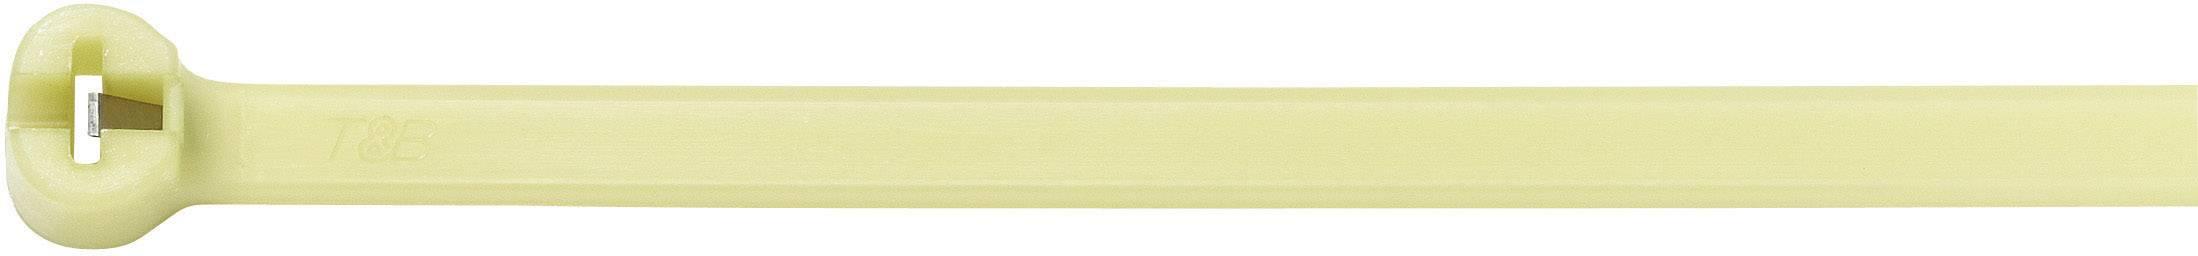 Sťahovacie pásky ABB TYHT23M TYHT23M, 92 mm, zelená, 1 ks